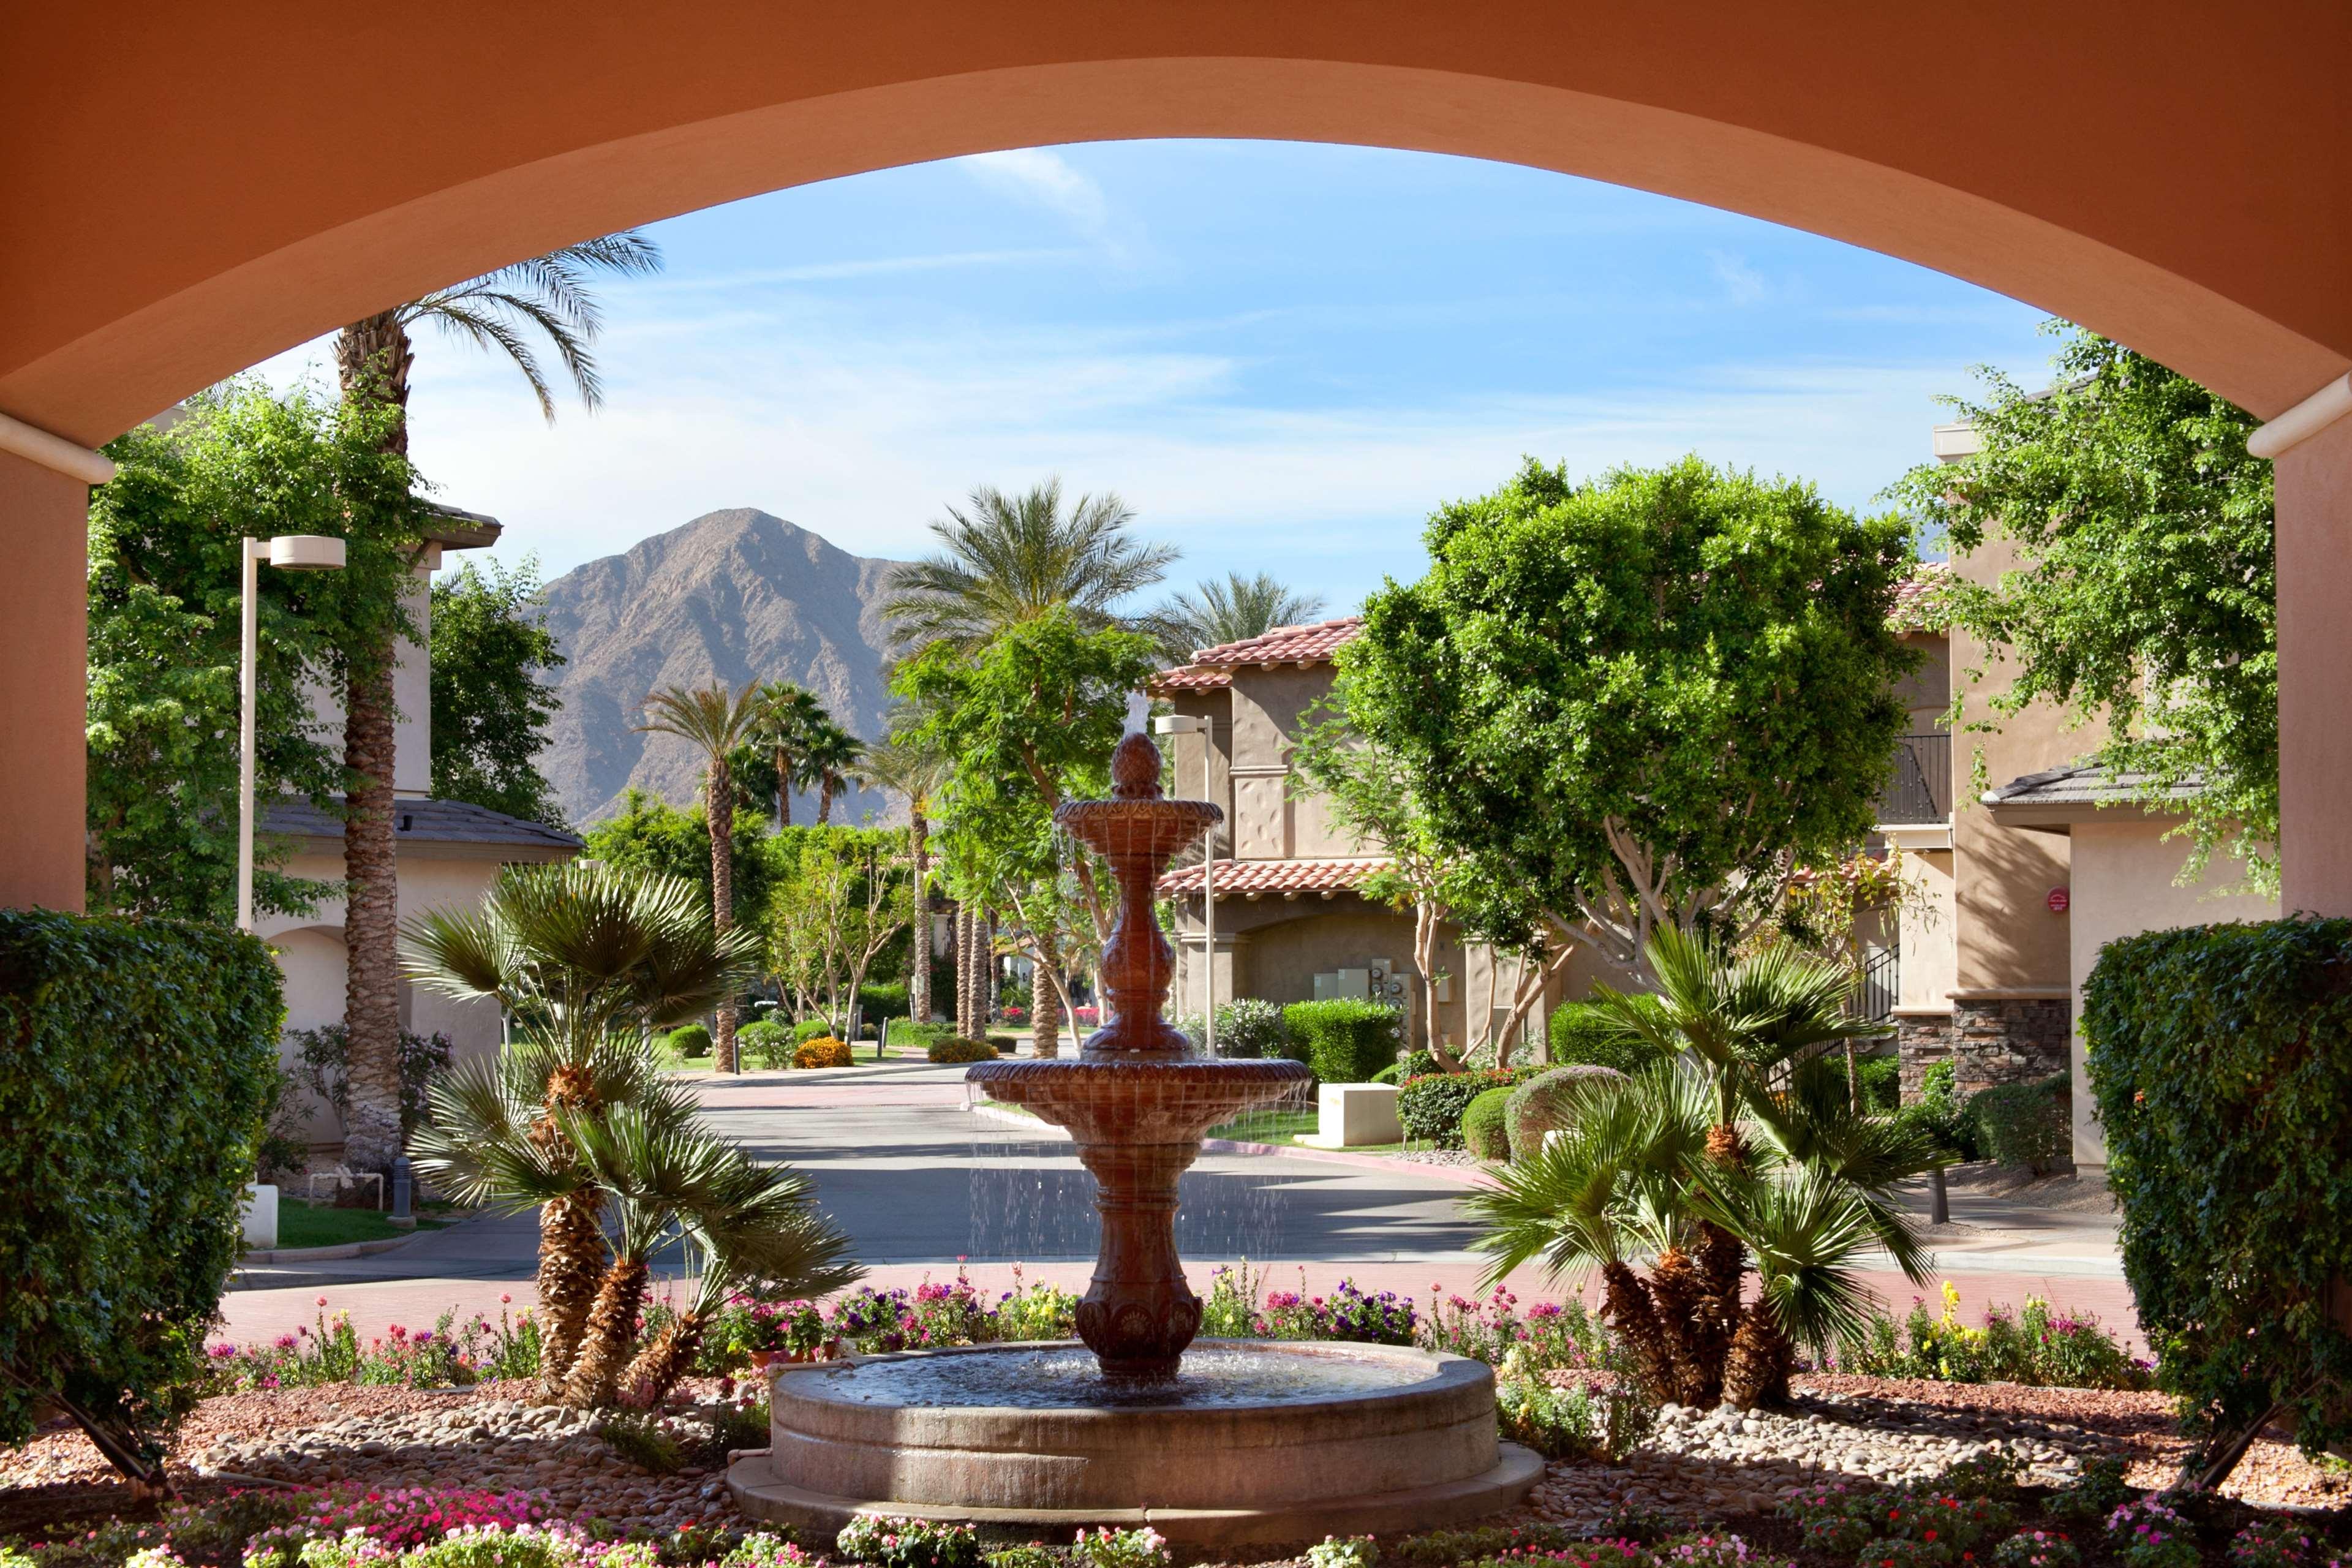 Embassy Suites by Hilton La Quinta Hotel & Spa image 5